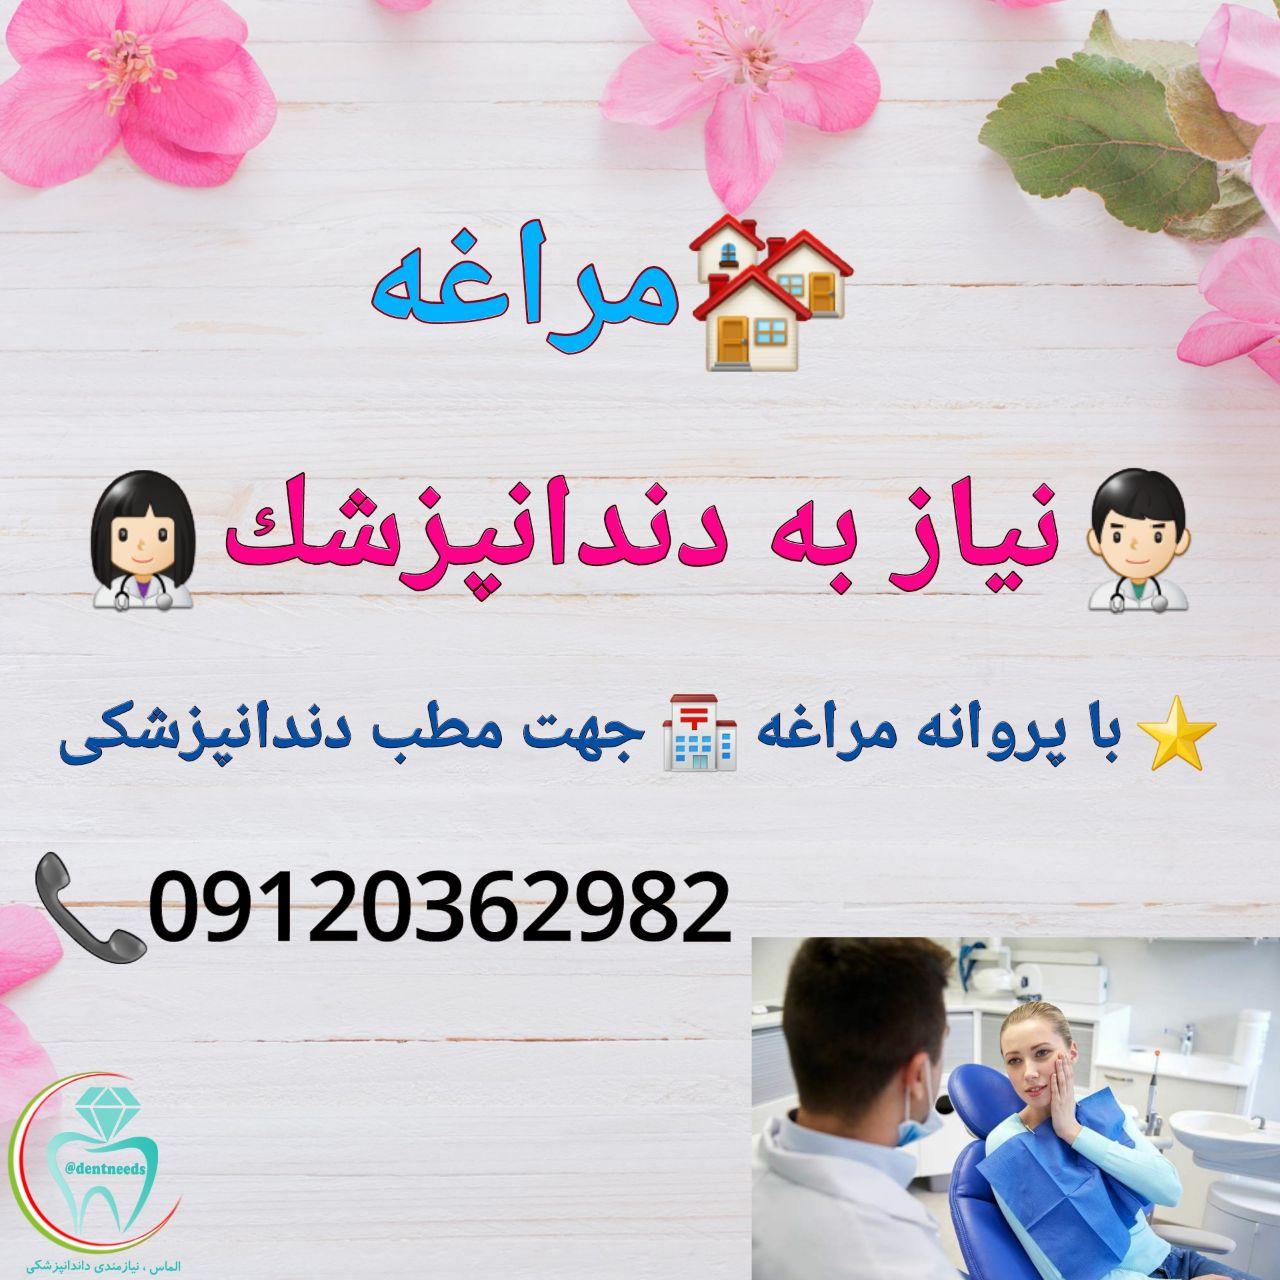 مراغه: نیاز به دندانپزشک